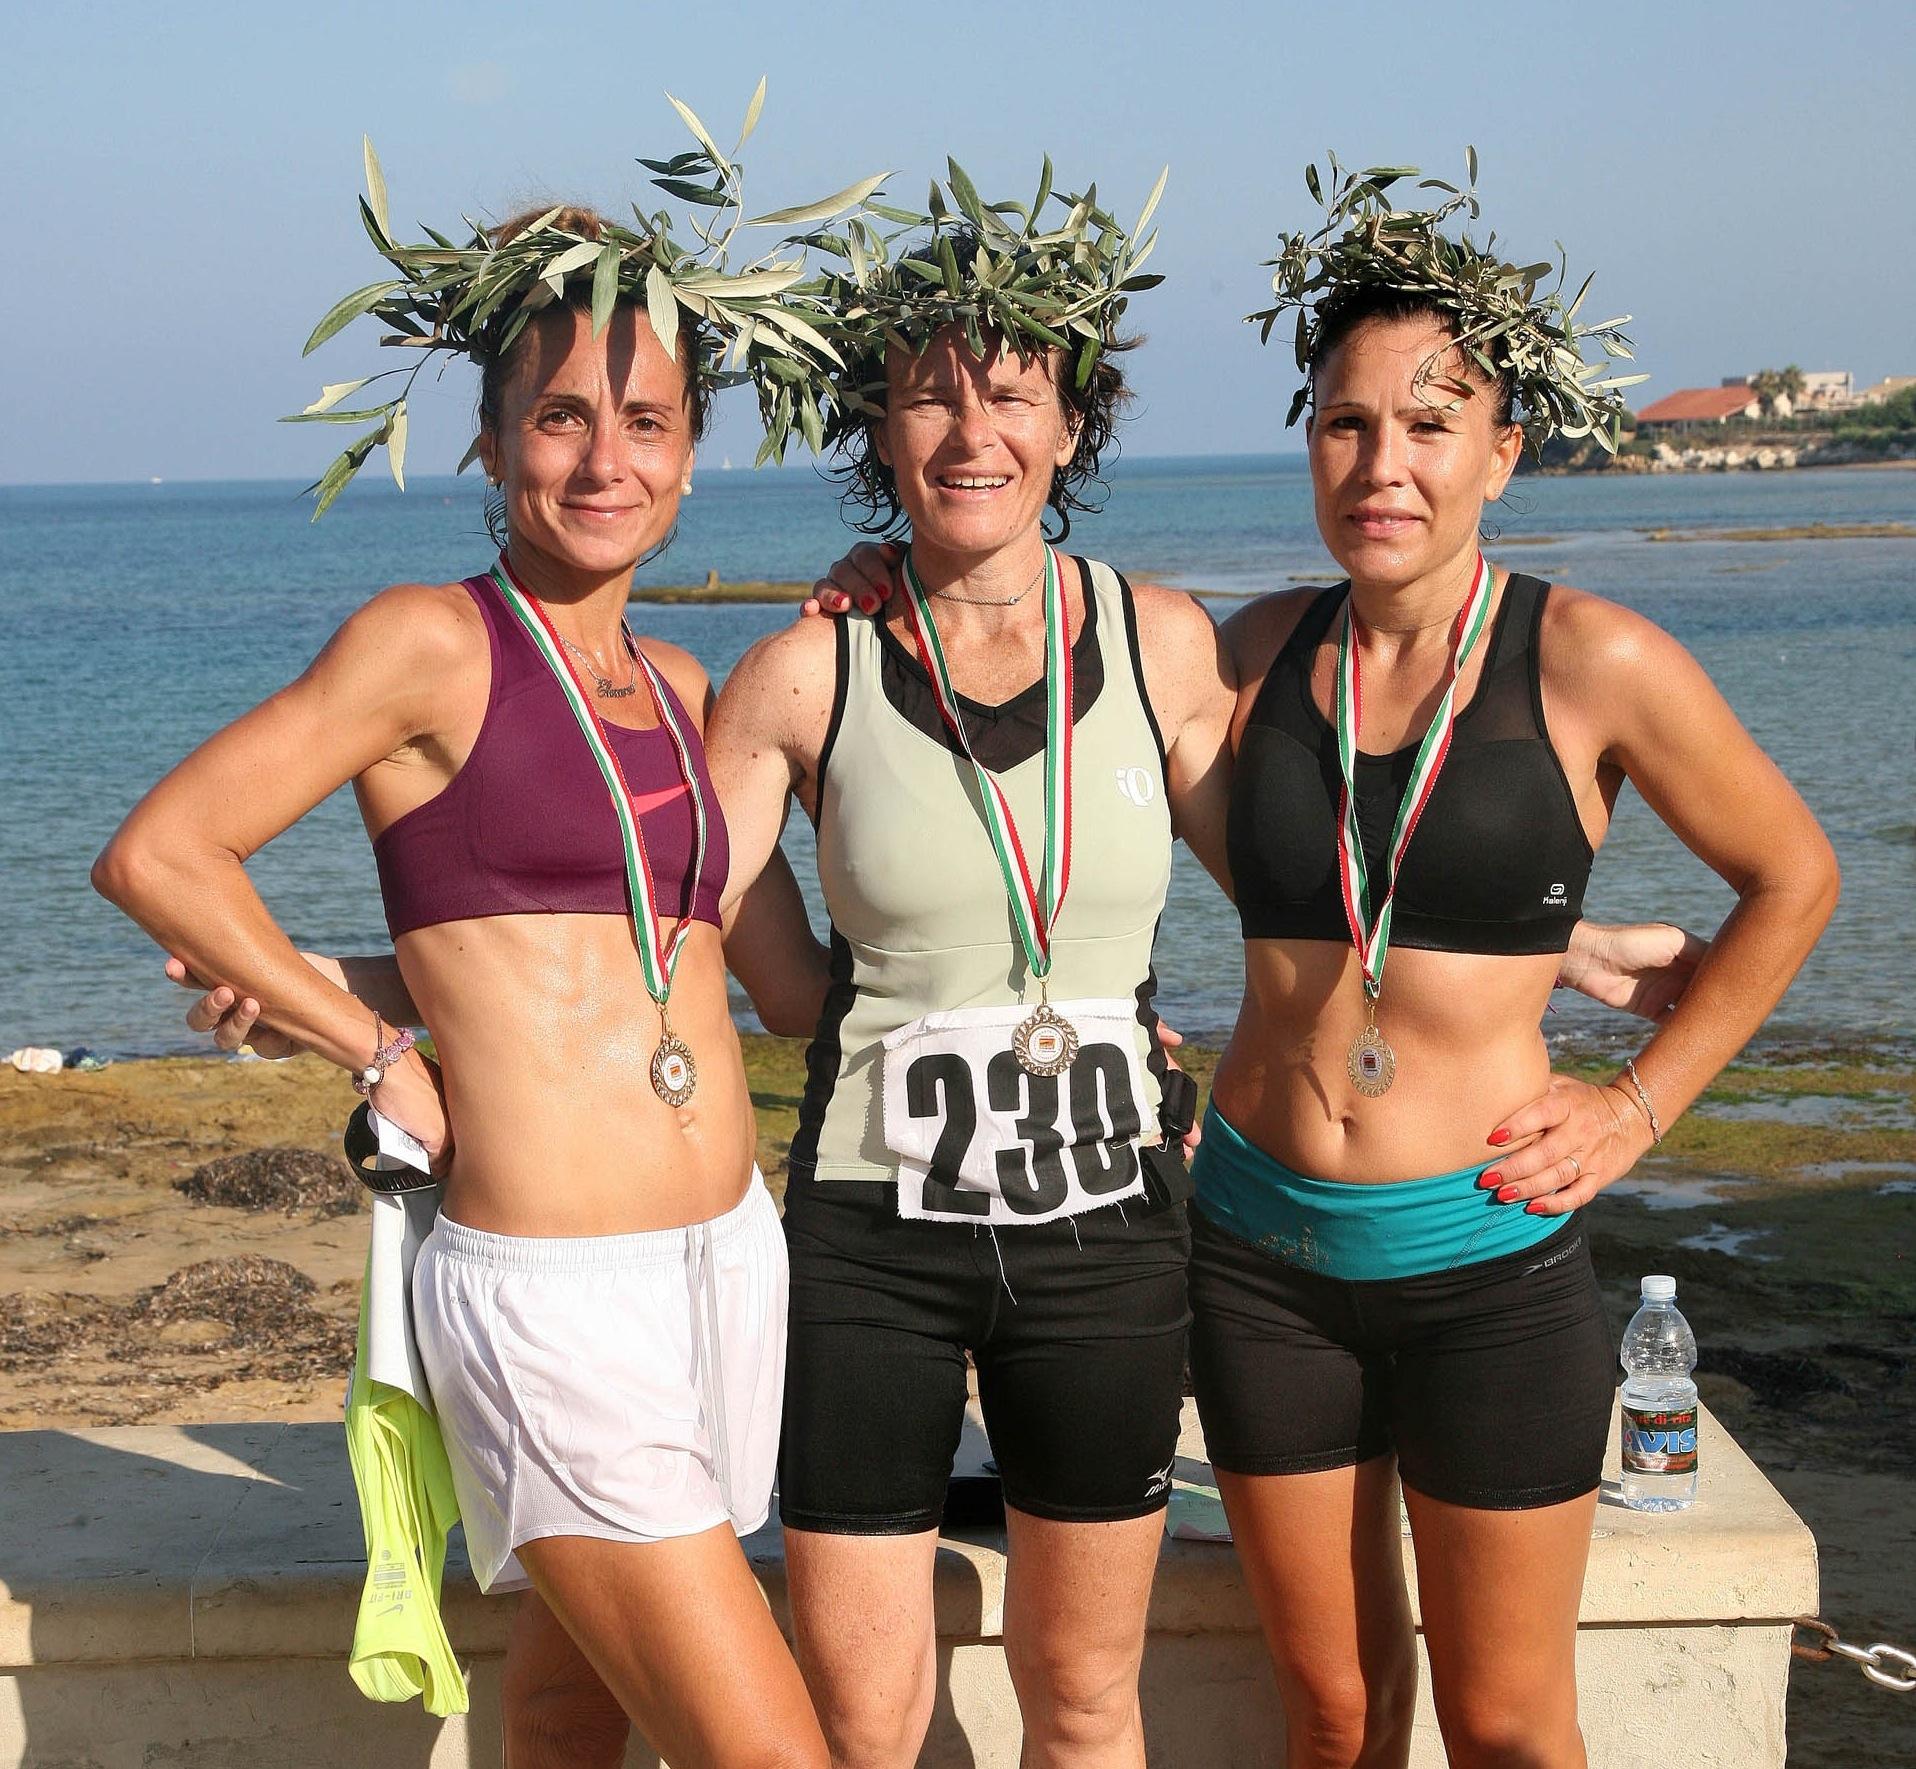 https://www.ragusanews.com//immagini_articoli/10-08-2014/1407689770-2-al-via-la-maratona-alla-filippide.jpg